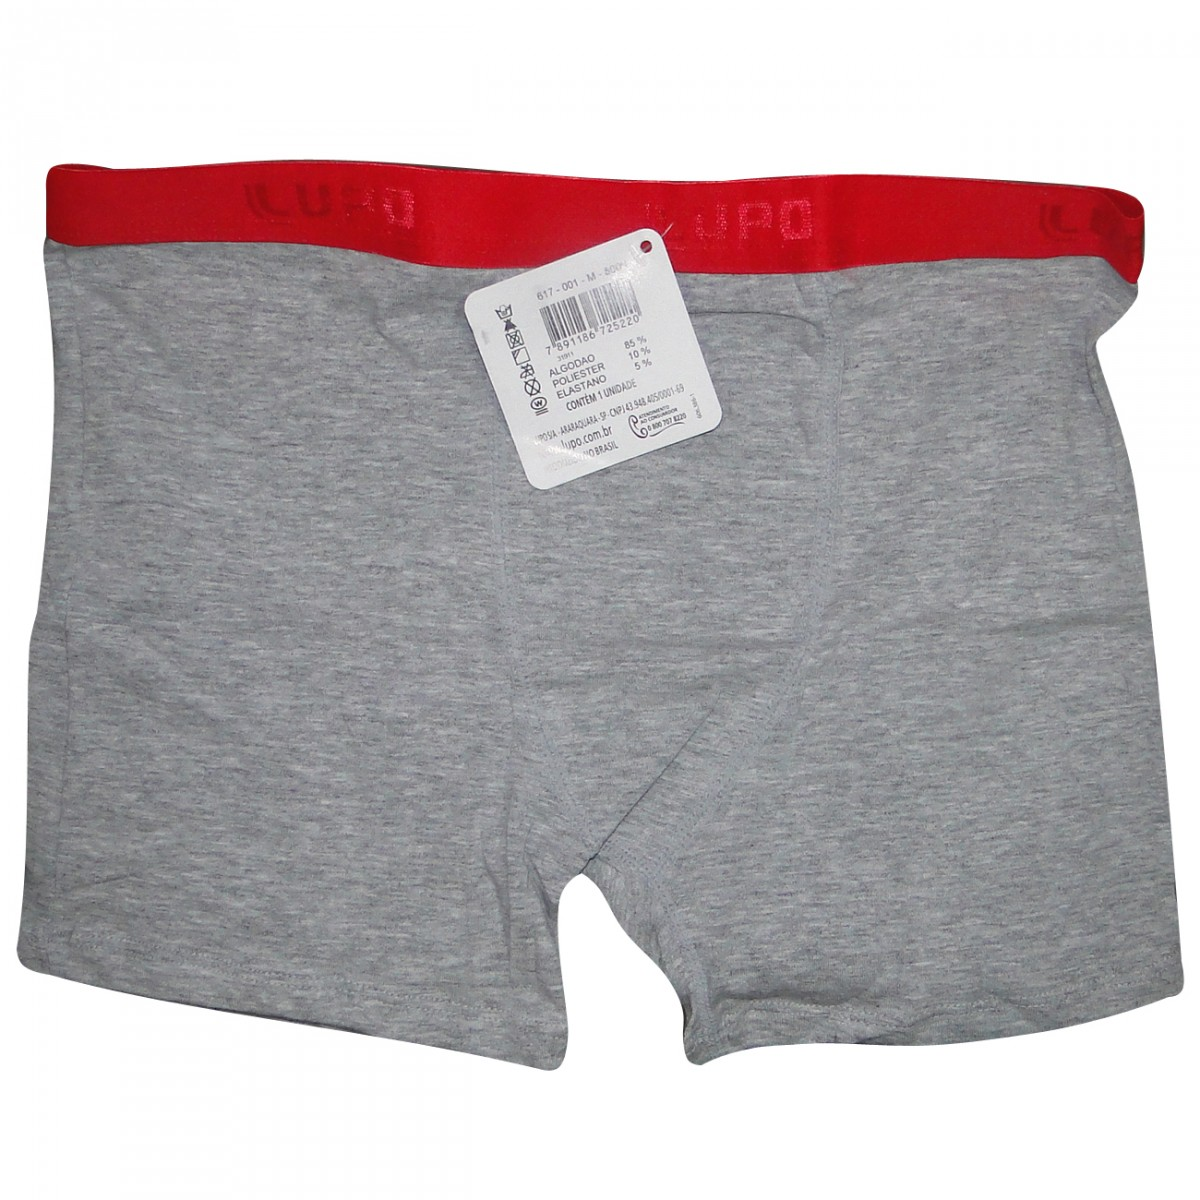 3eb800a74 Cueca Lupo Boxer 617 617-8000 - Mescla Vermelho - Chuteira Nike ...